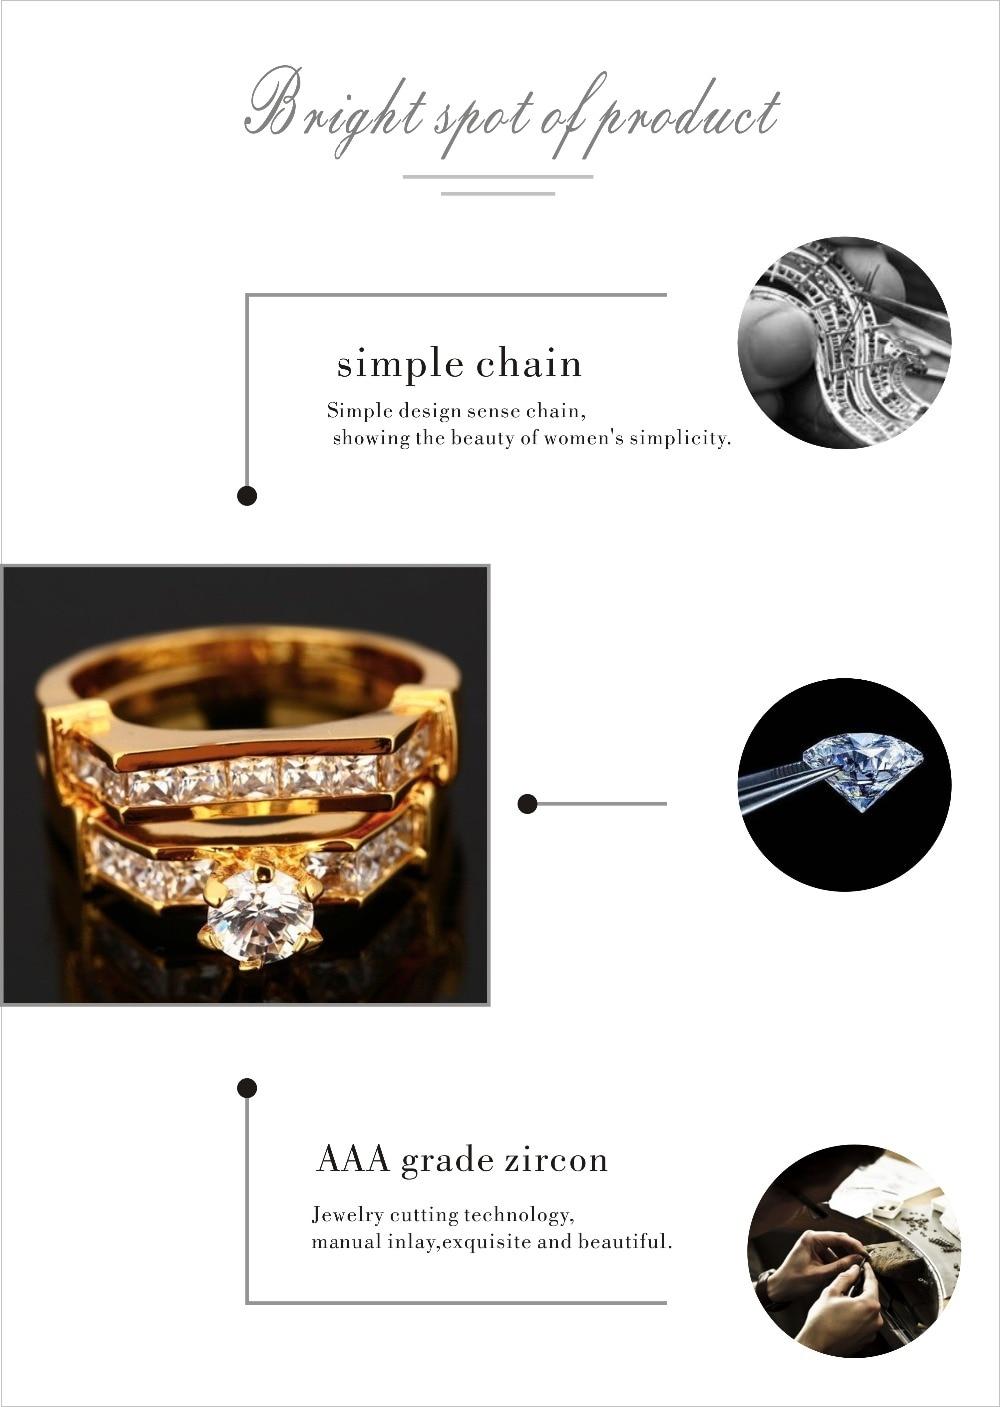 9f293271f جديد الأزياء الخطبة للنساء الزفاف الذهب اللون معبأ لامعة زركونيا خاتم  الخطوبة